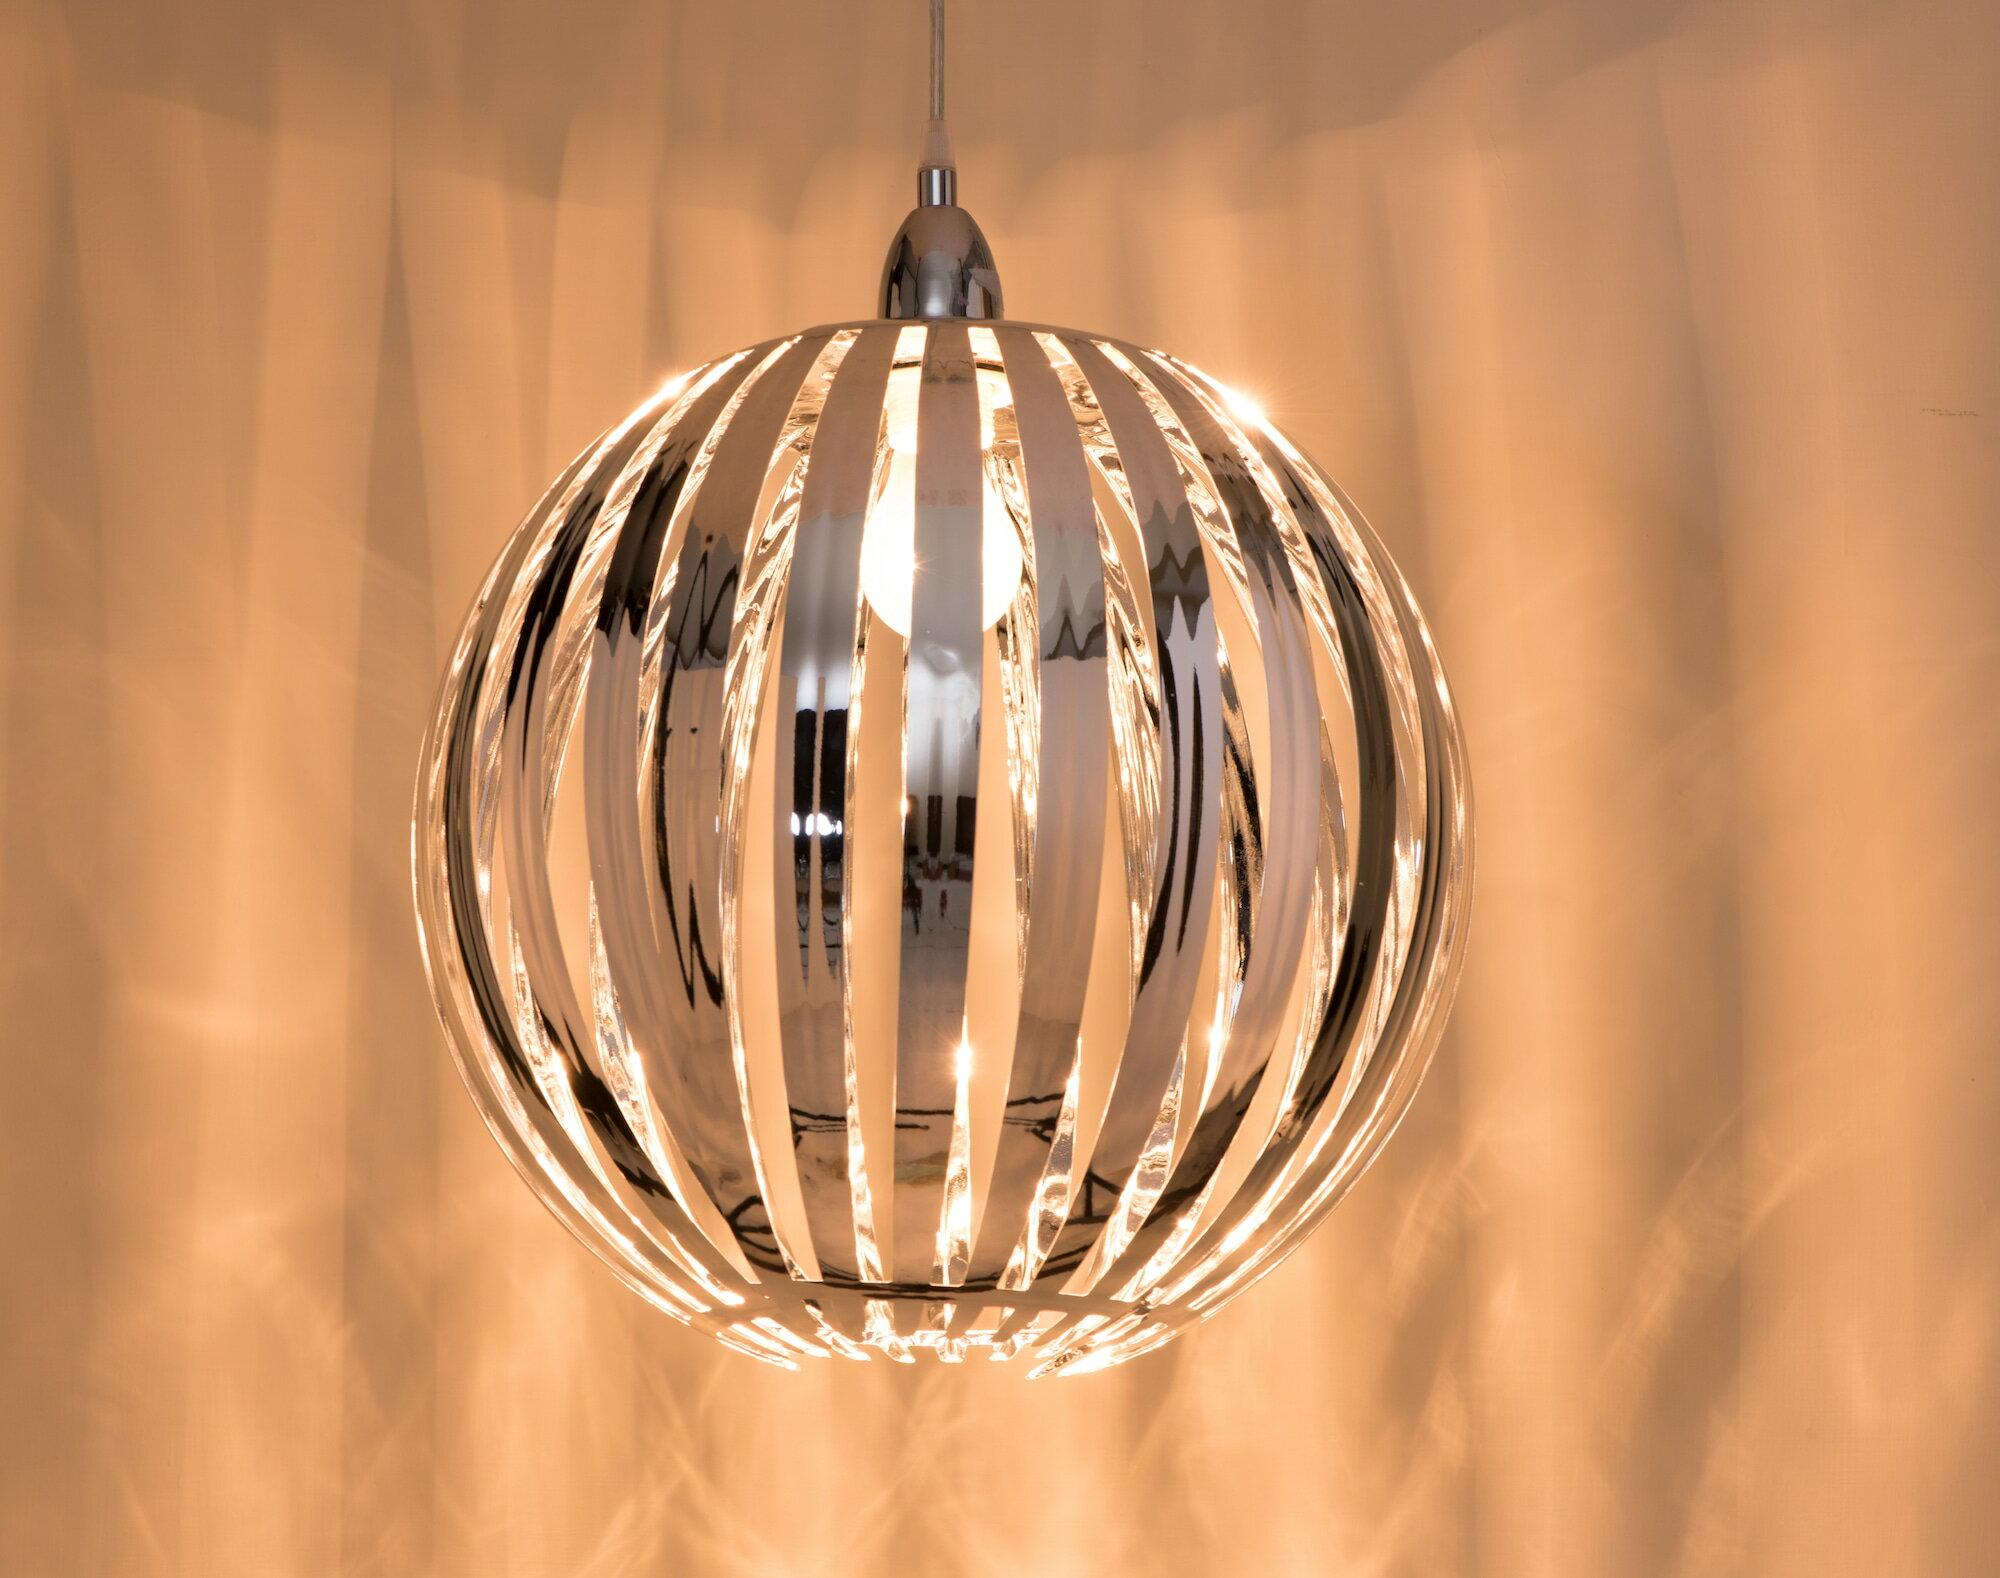 鍍鉻條圓形吊燈-BNL00054 2